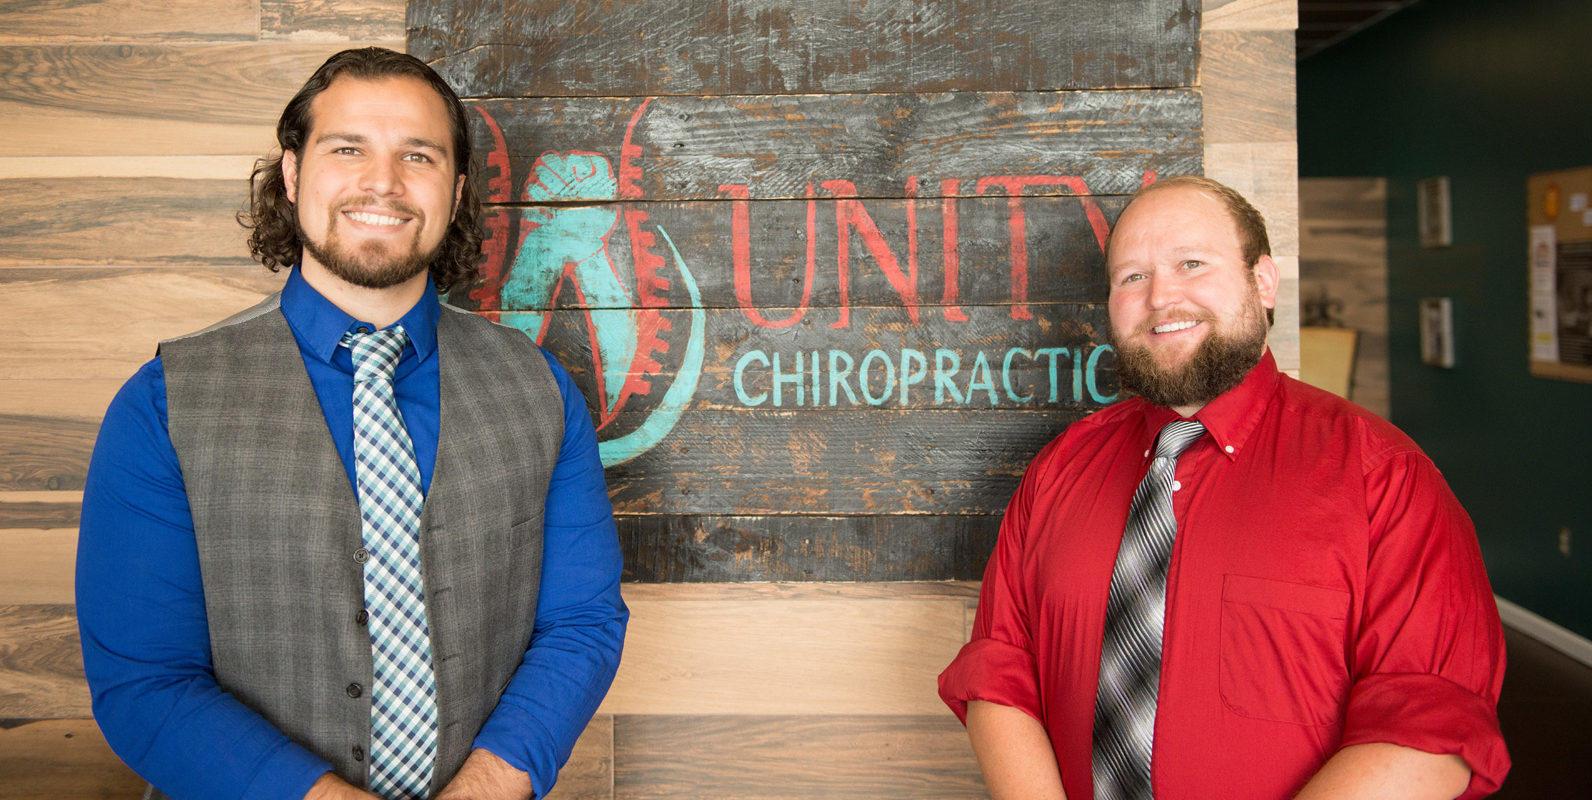 Unity Chiropractic image 3